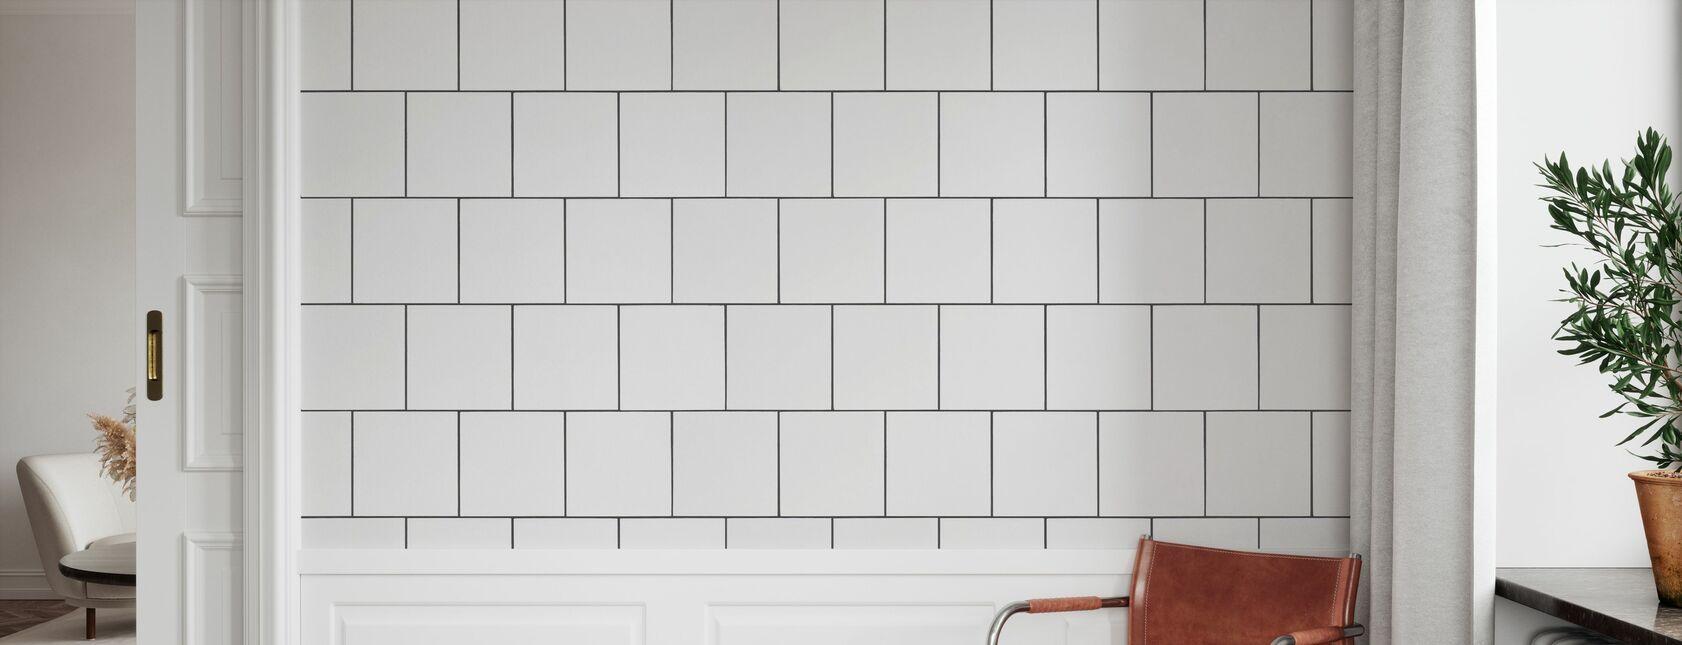 Vita plattor med svarta injekteringsbruk 20 '20 - Tapet - Hall